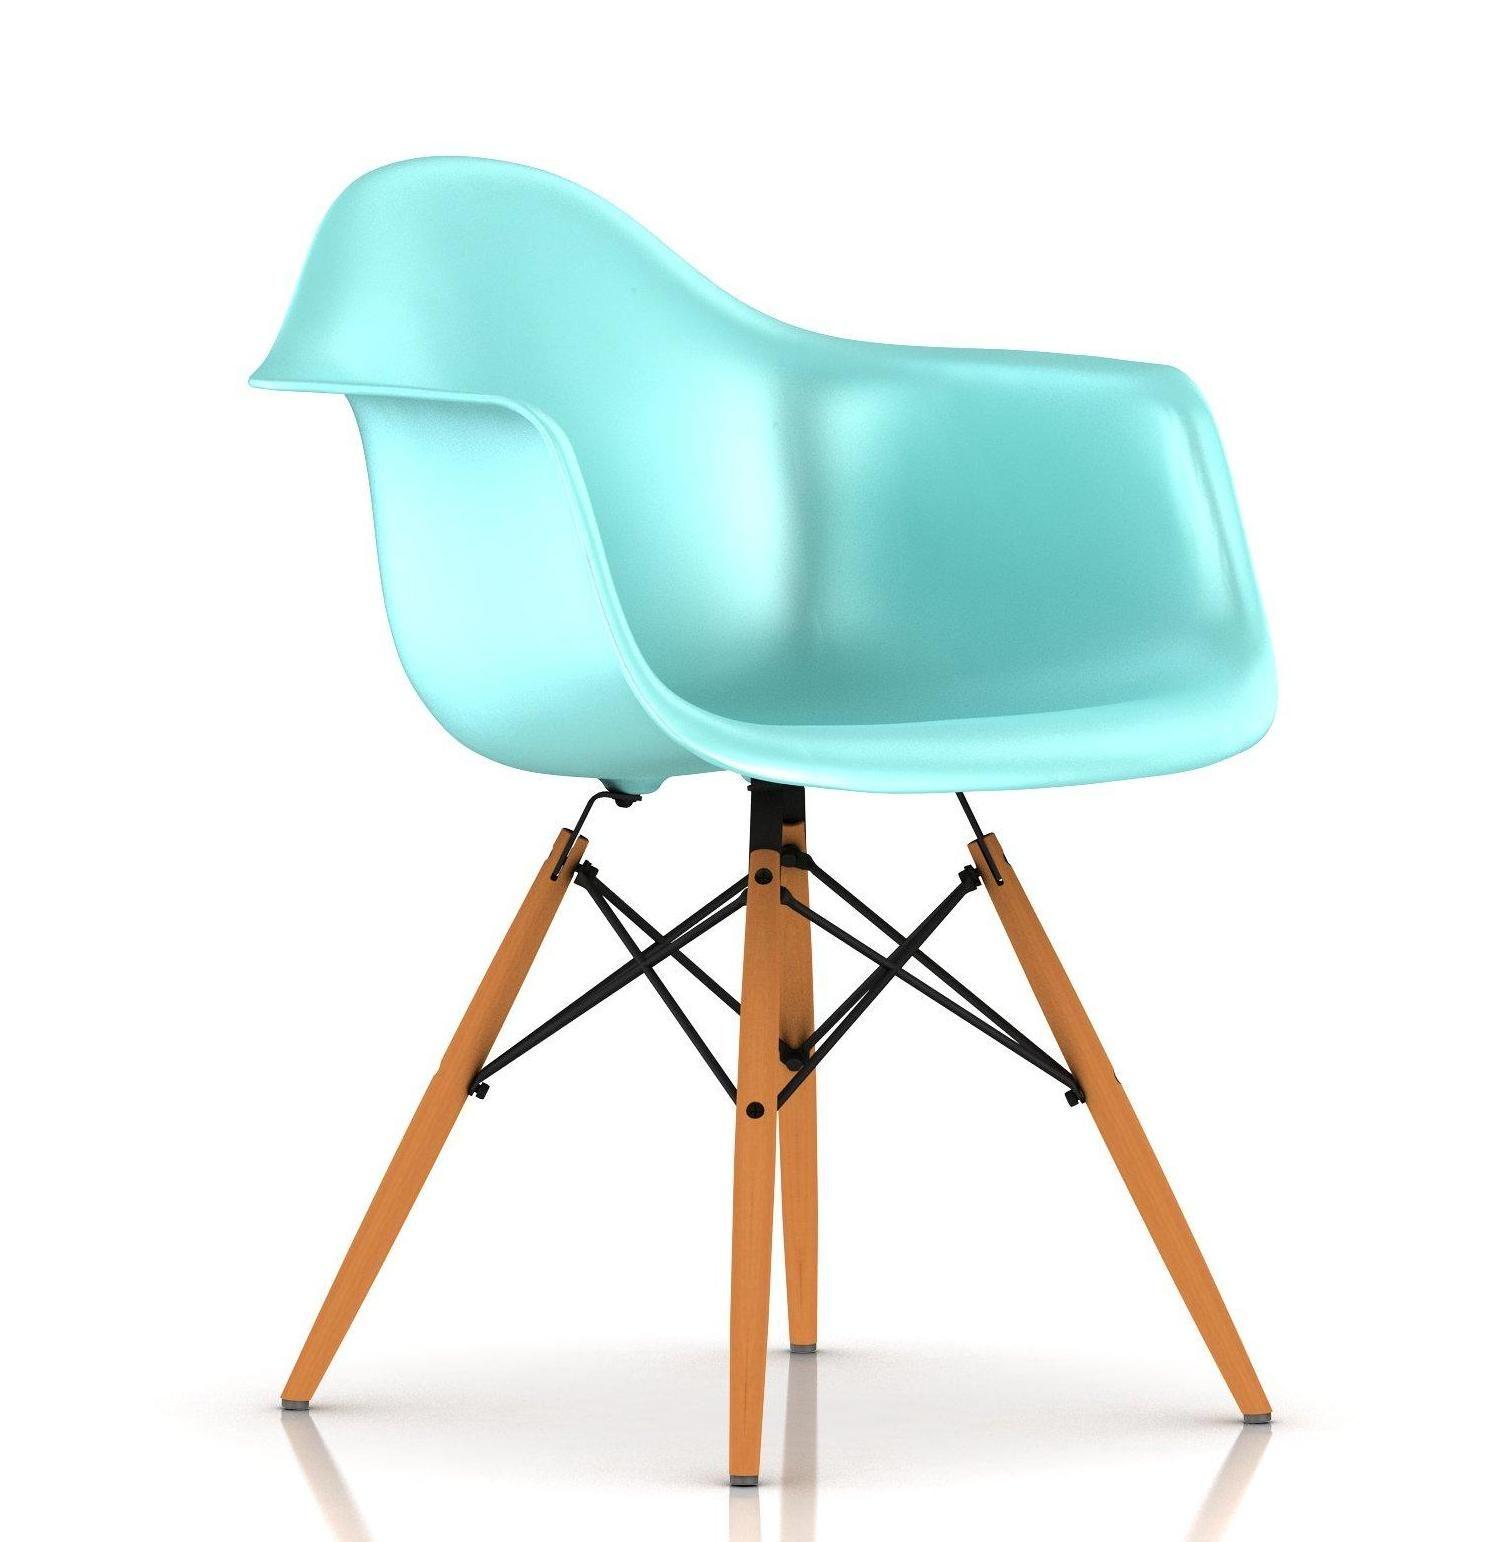 Silla Eames Plastic esta silla se dise±o para el concurso Low Cost furniture Design